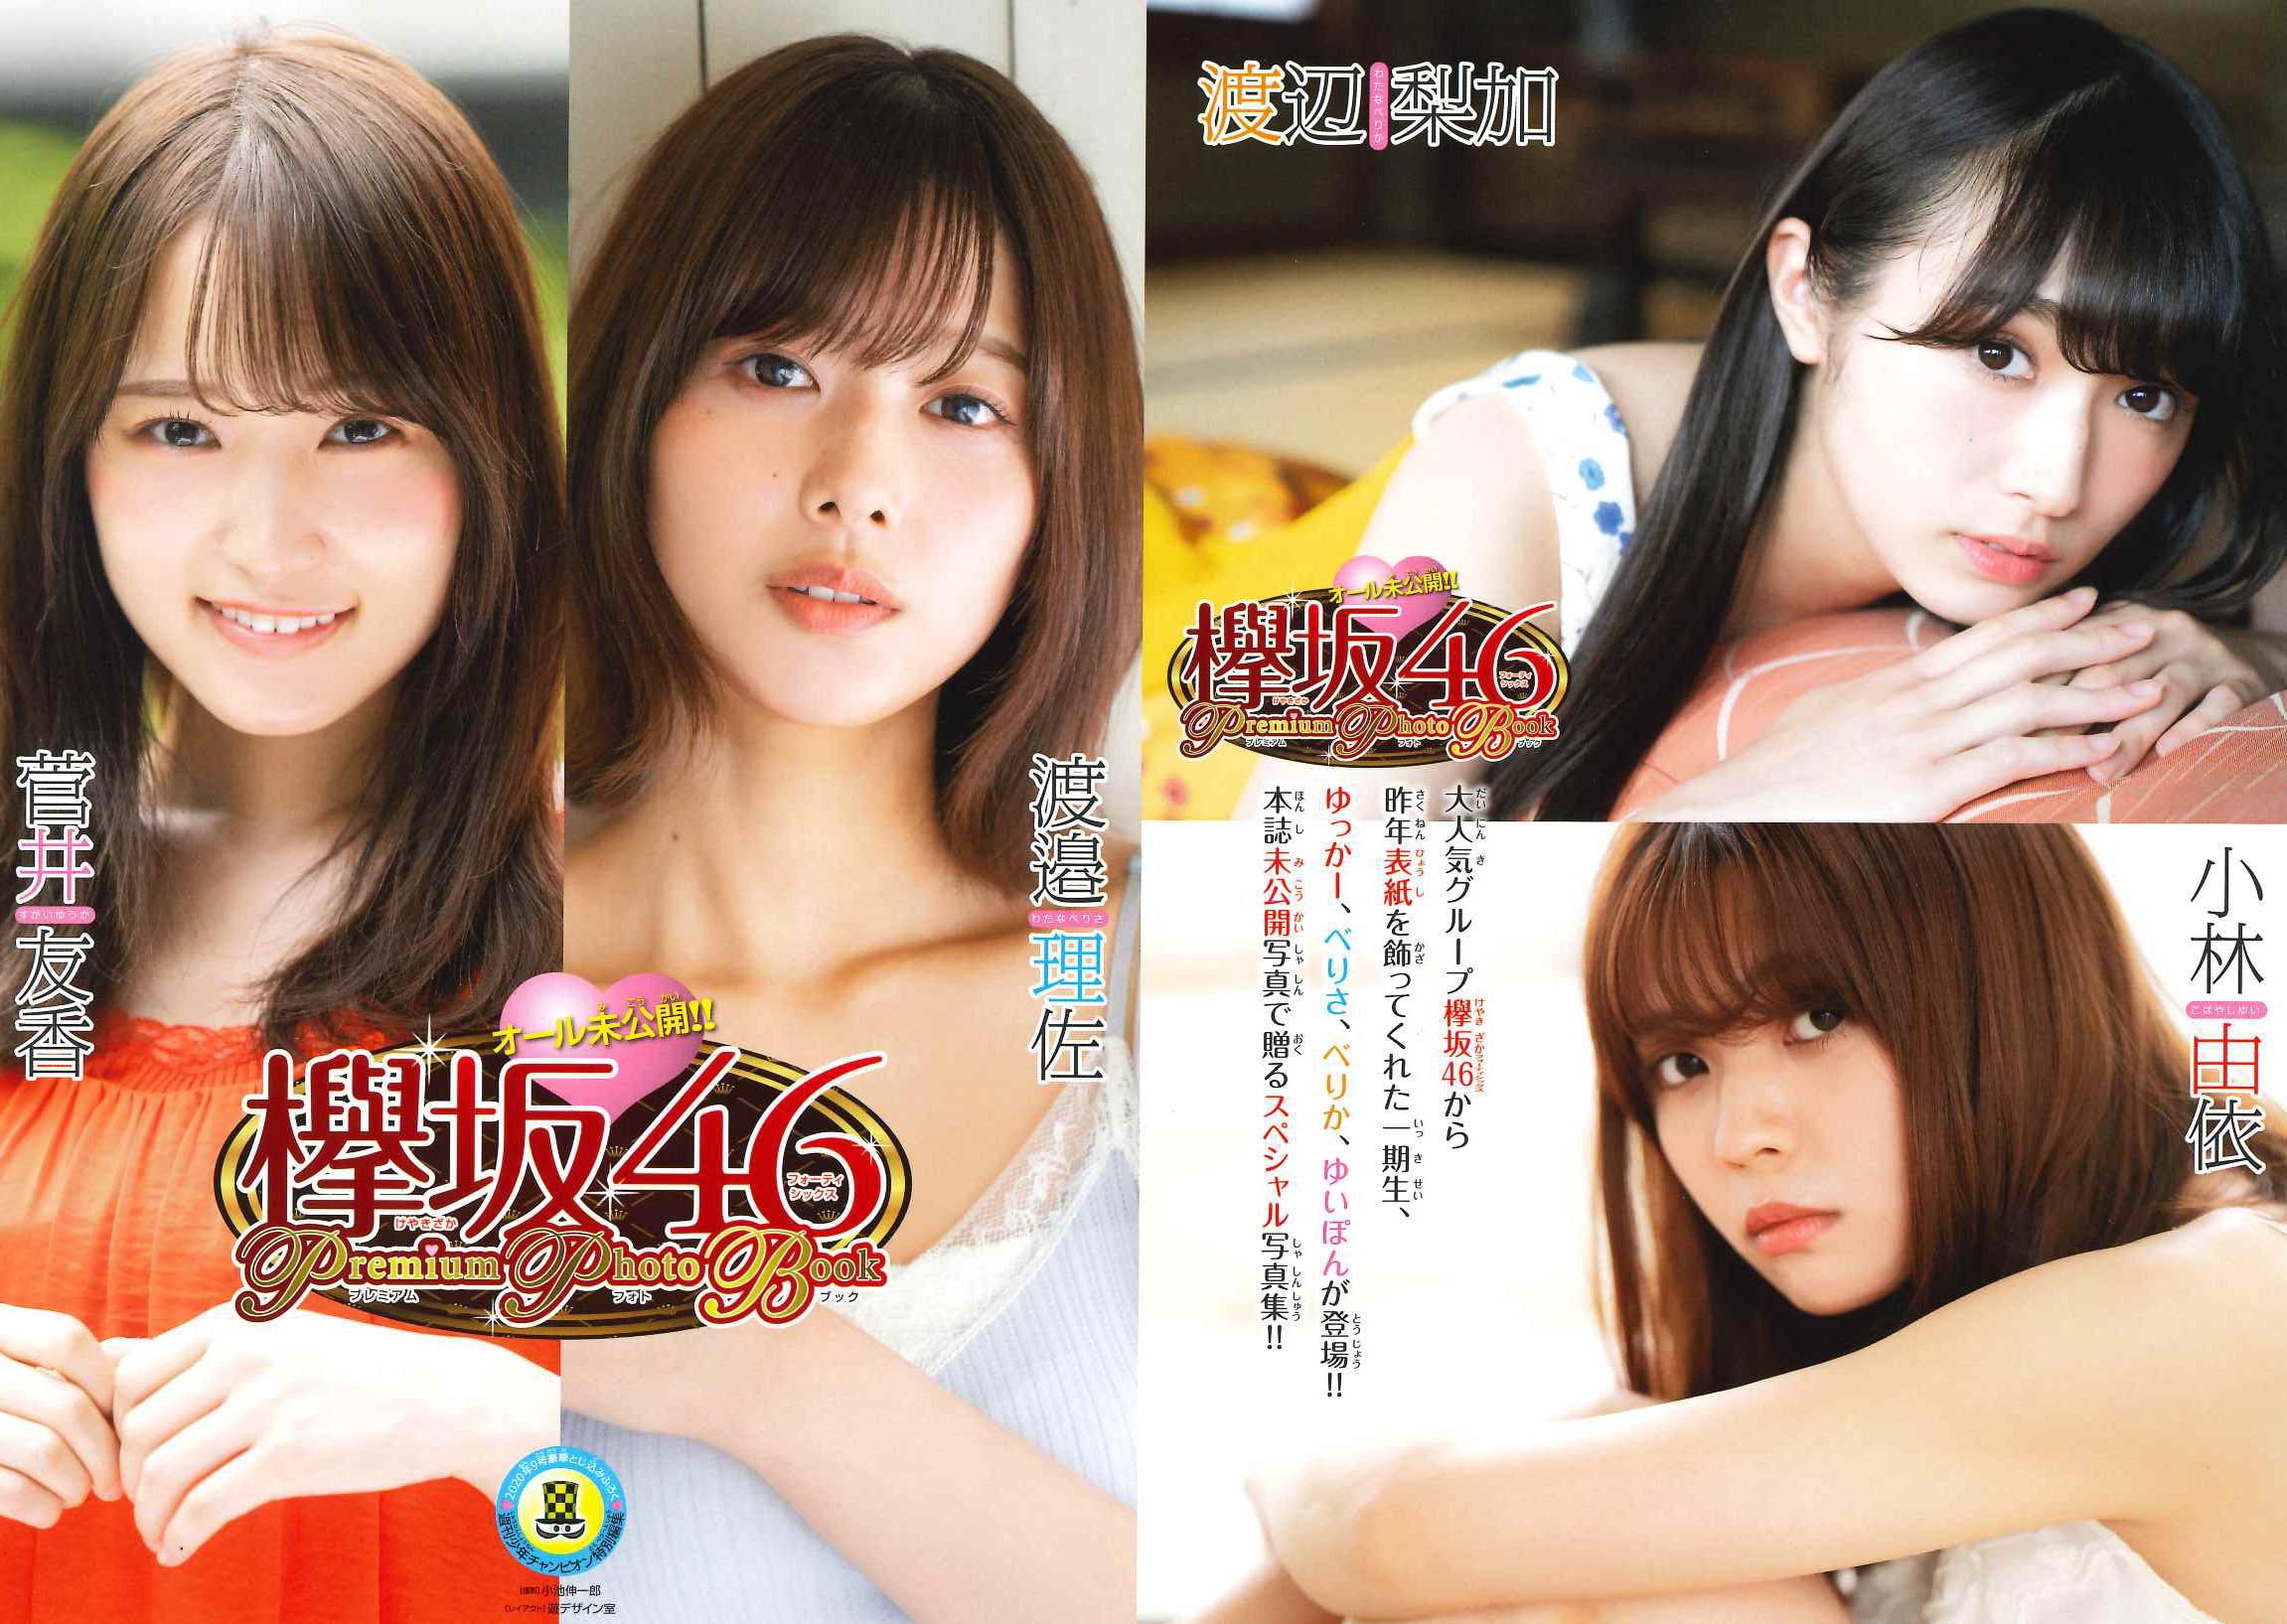 欅坂46プレミアムフォトブック表紙